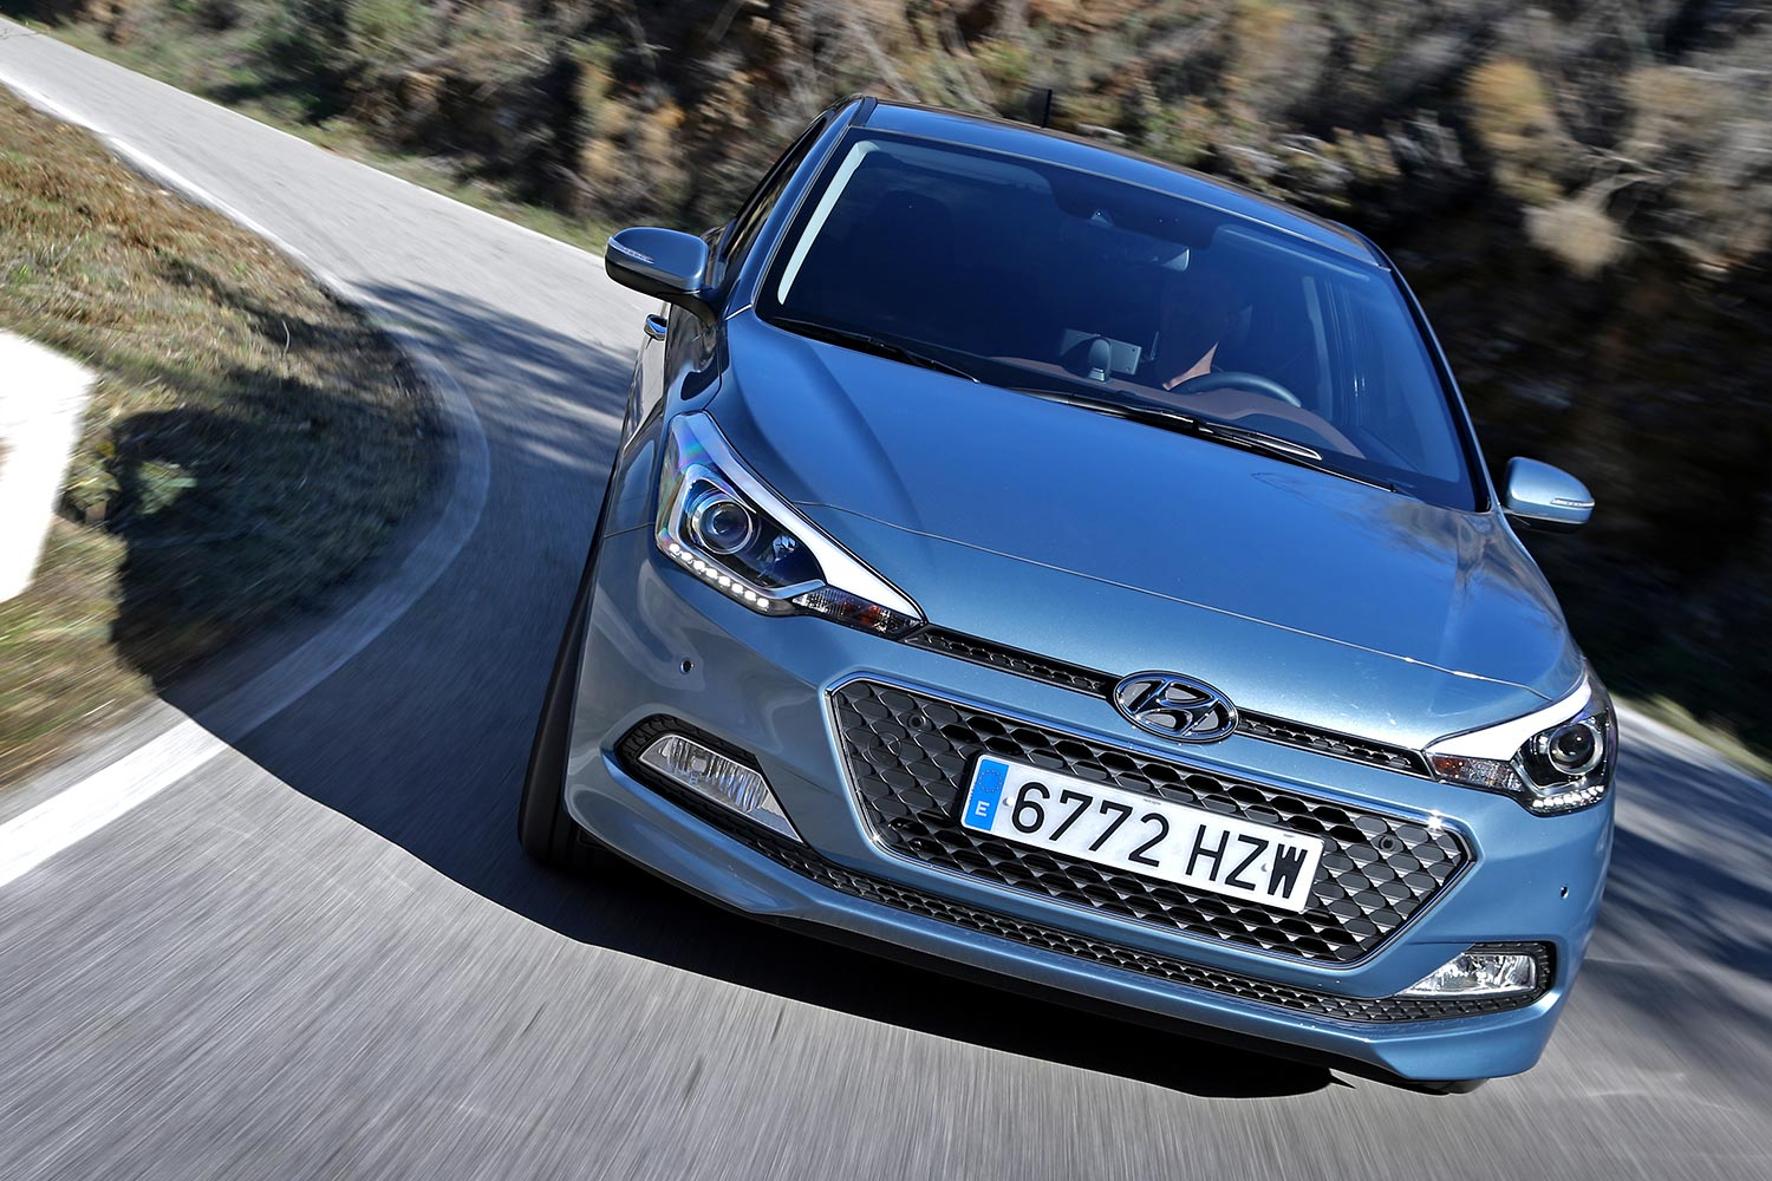 mid Groß-Gerau - Hyundai bietet den Kleinwagen i20 mit einem Motor an, der nur noch drei statt der früher üblichen vier Zylinder hat.